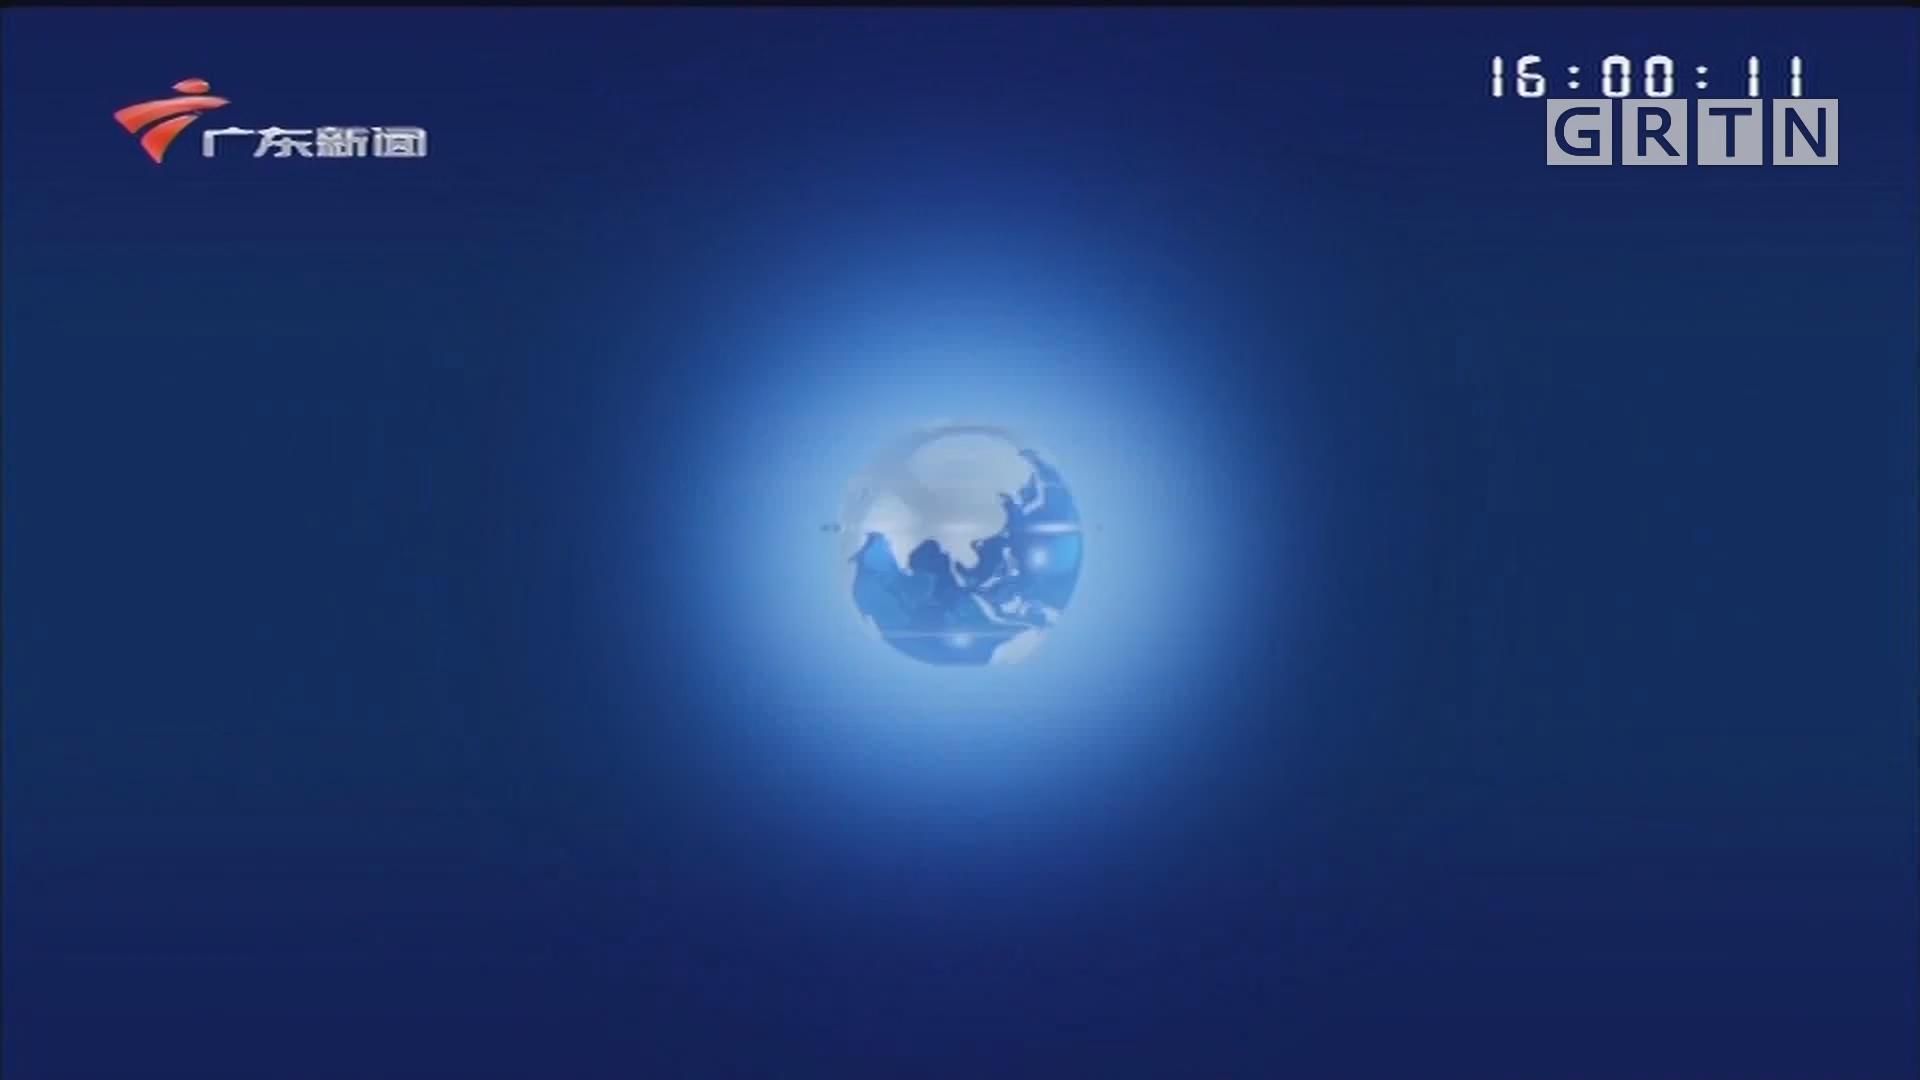 [HD][2020-01-16-16:00]正点播报:广州荔湾 海北桃花花期提前 今年花价约贵两成